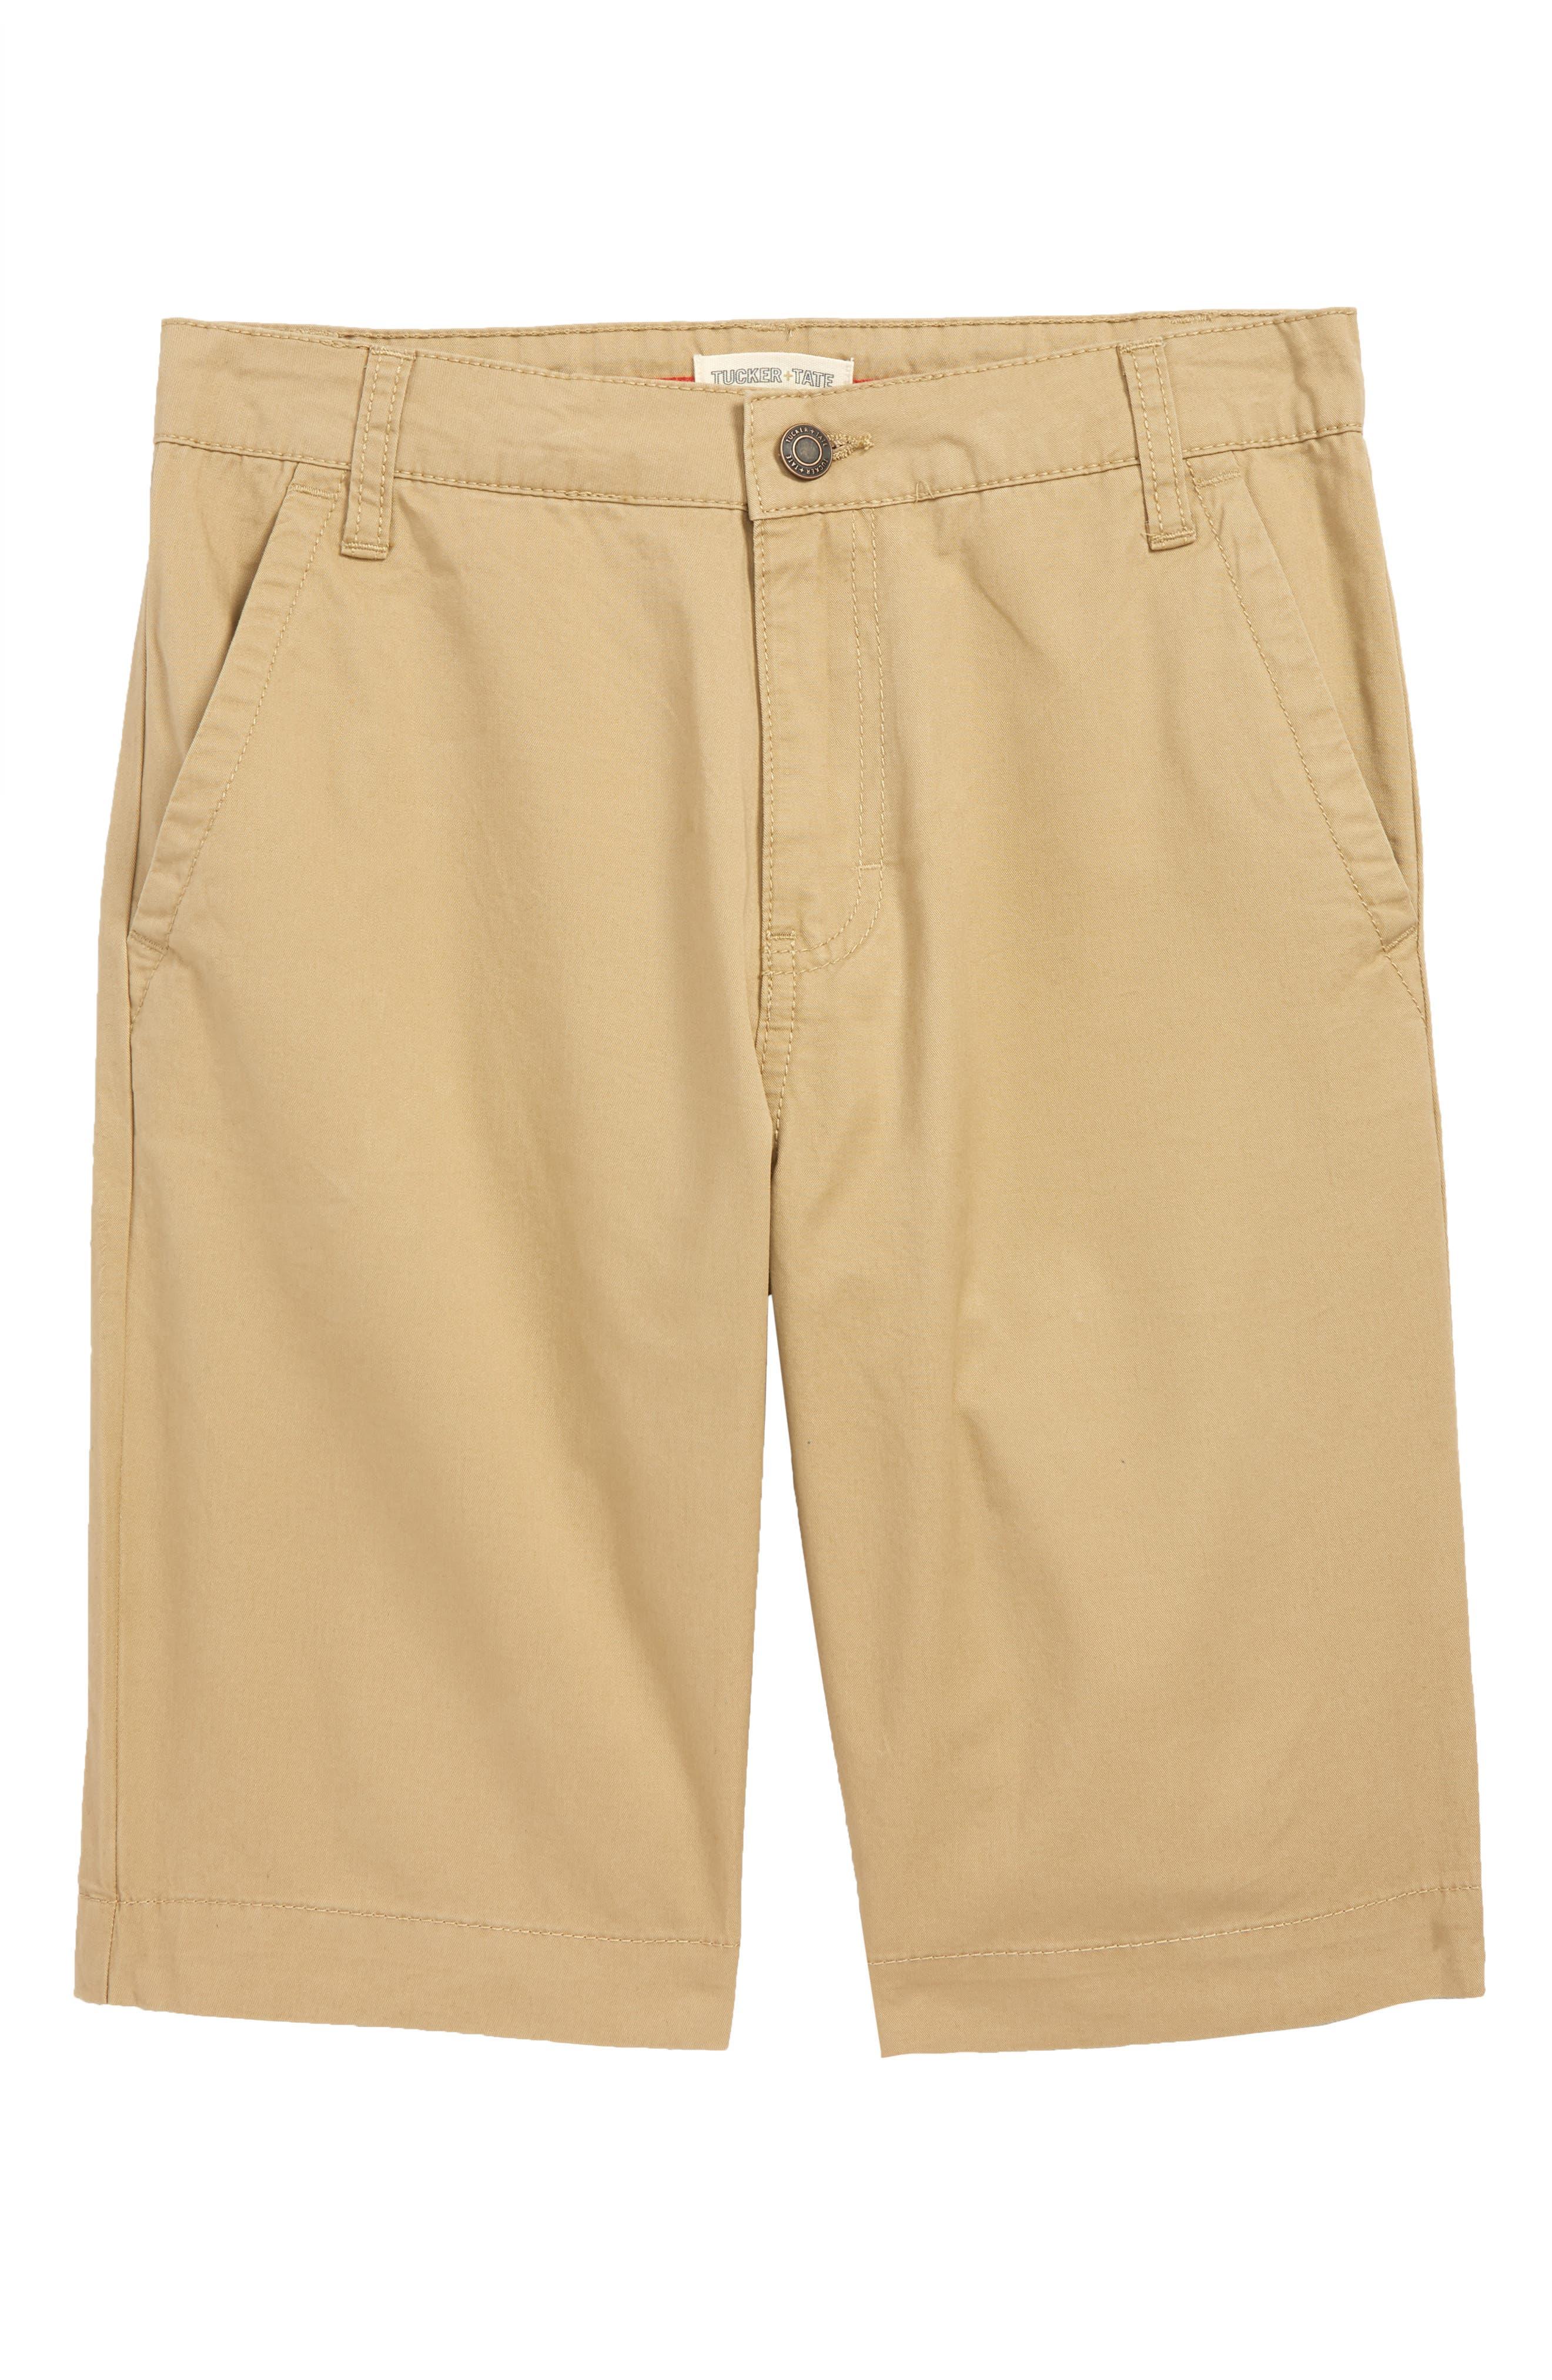 Chino Shorts, Main, color, TAN STOCK